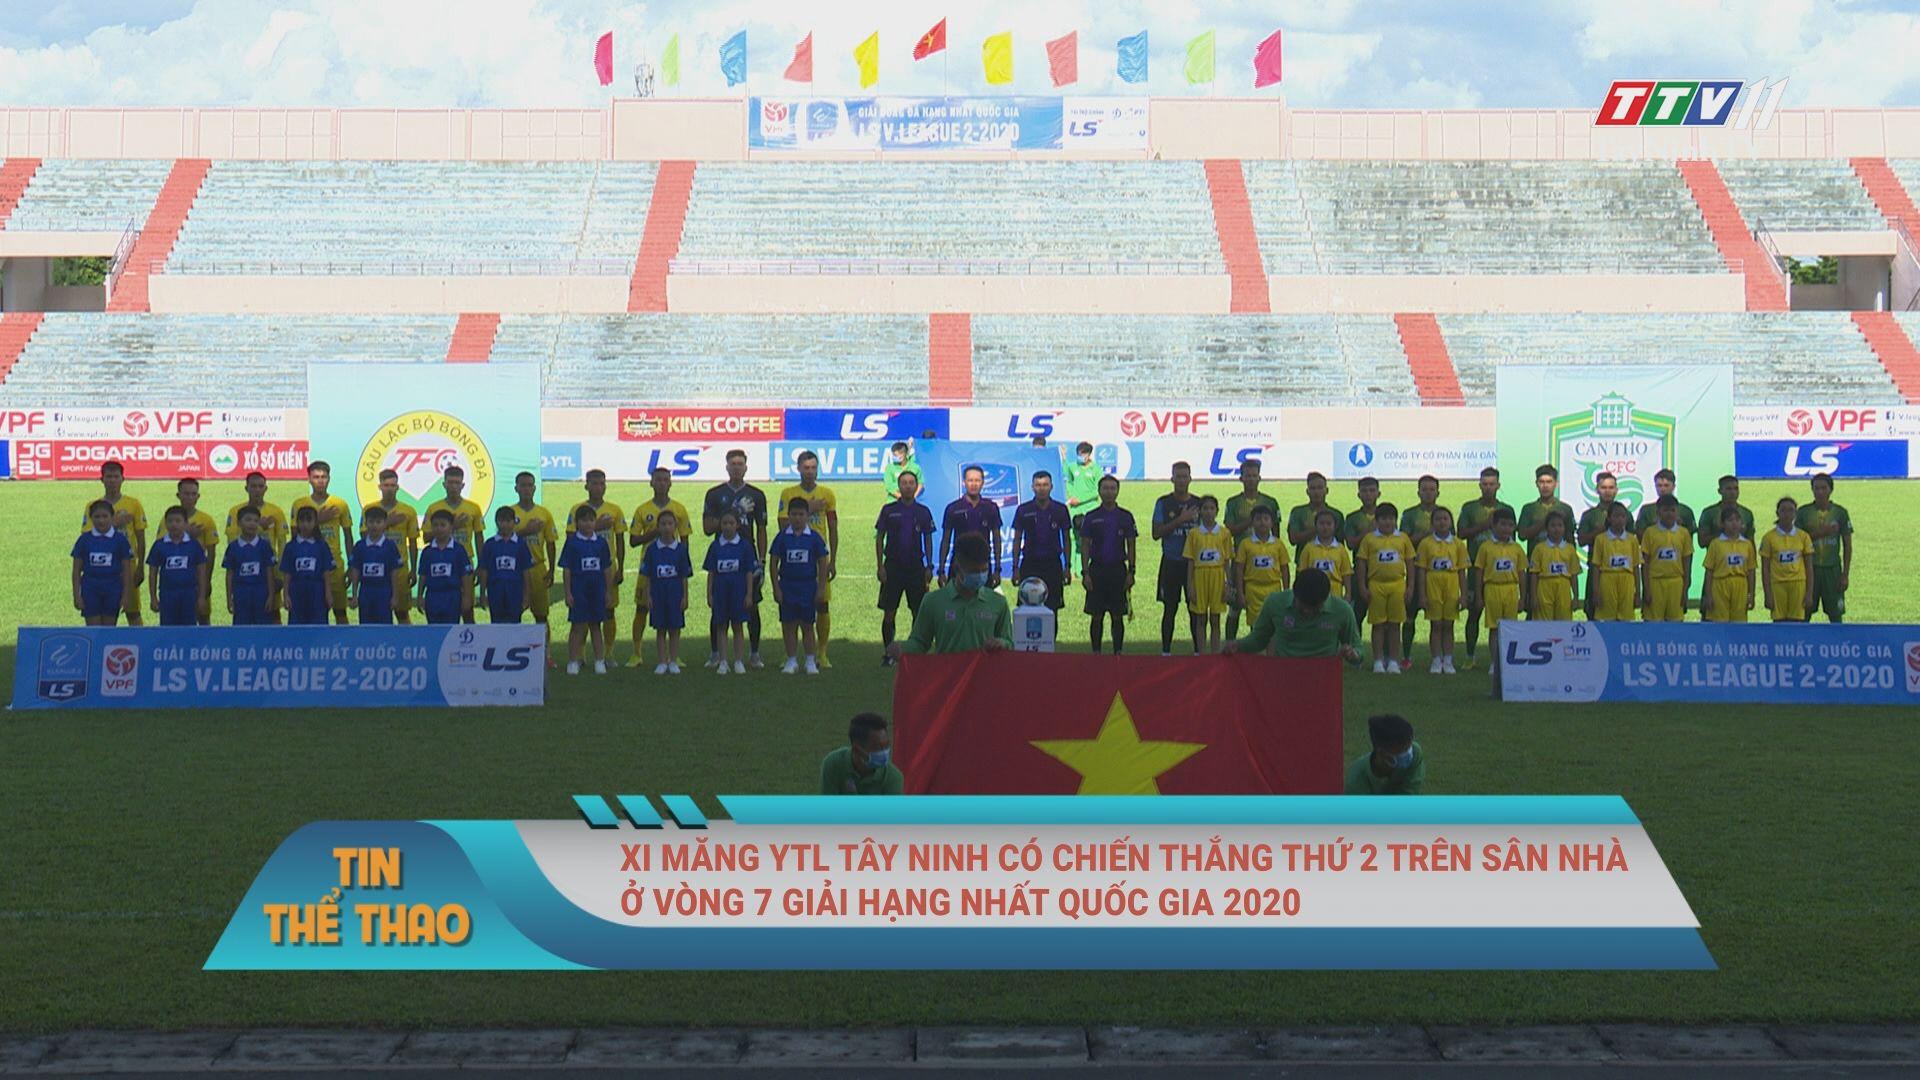 Xi măng YTL Tây Ninh có chiến thắng thứ 2 trên sân nhà ở vòng 7 giải Hạng nhất Quốc gia 2020 | BẢN TIN THỂ THAO | TayNinhTV